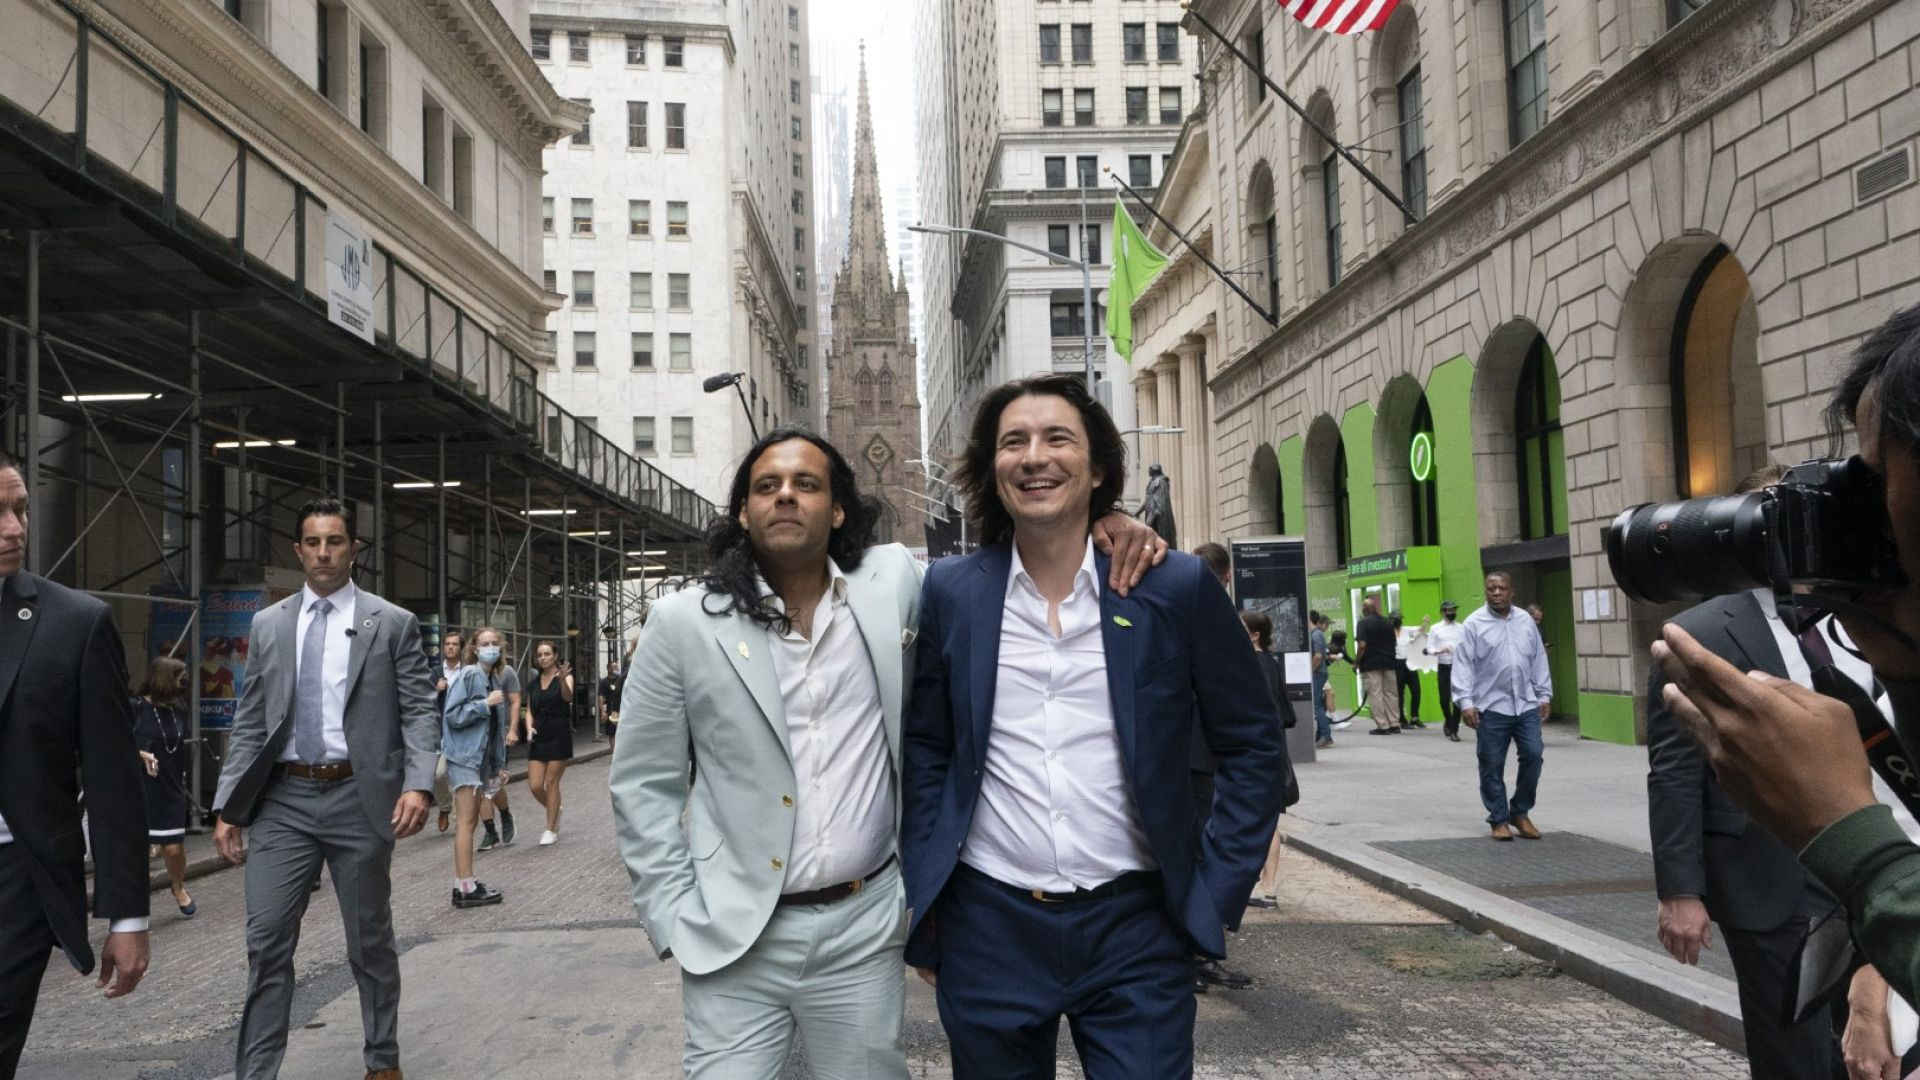 Байджу Бхат е сложил ръка на рамото на Владимир Тенев за снимка пред Нюйоркската фондова борса след IPO на тяхната компания в Nasdaq на 29 юли 2021 г. в Ню Йорк